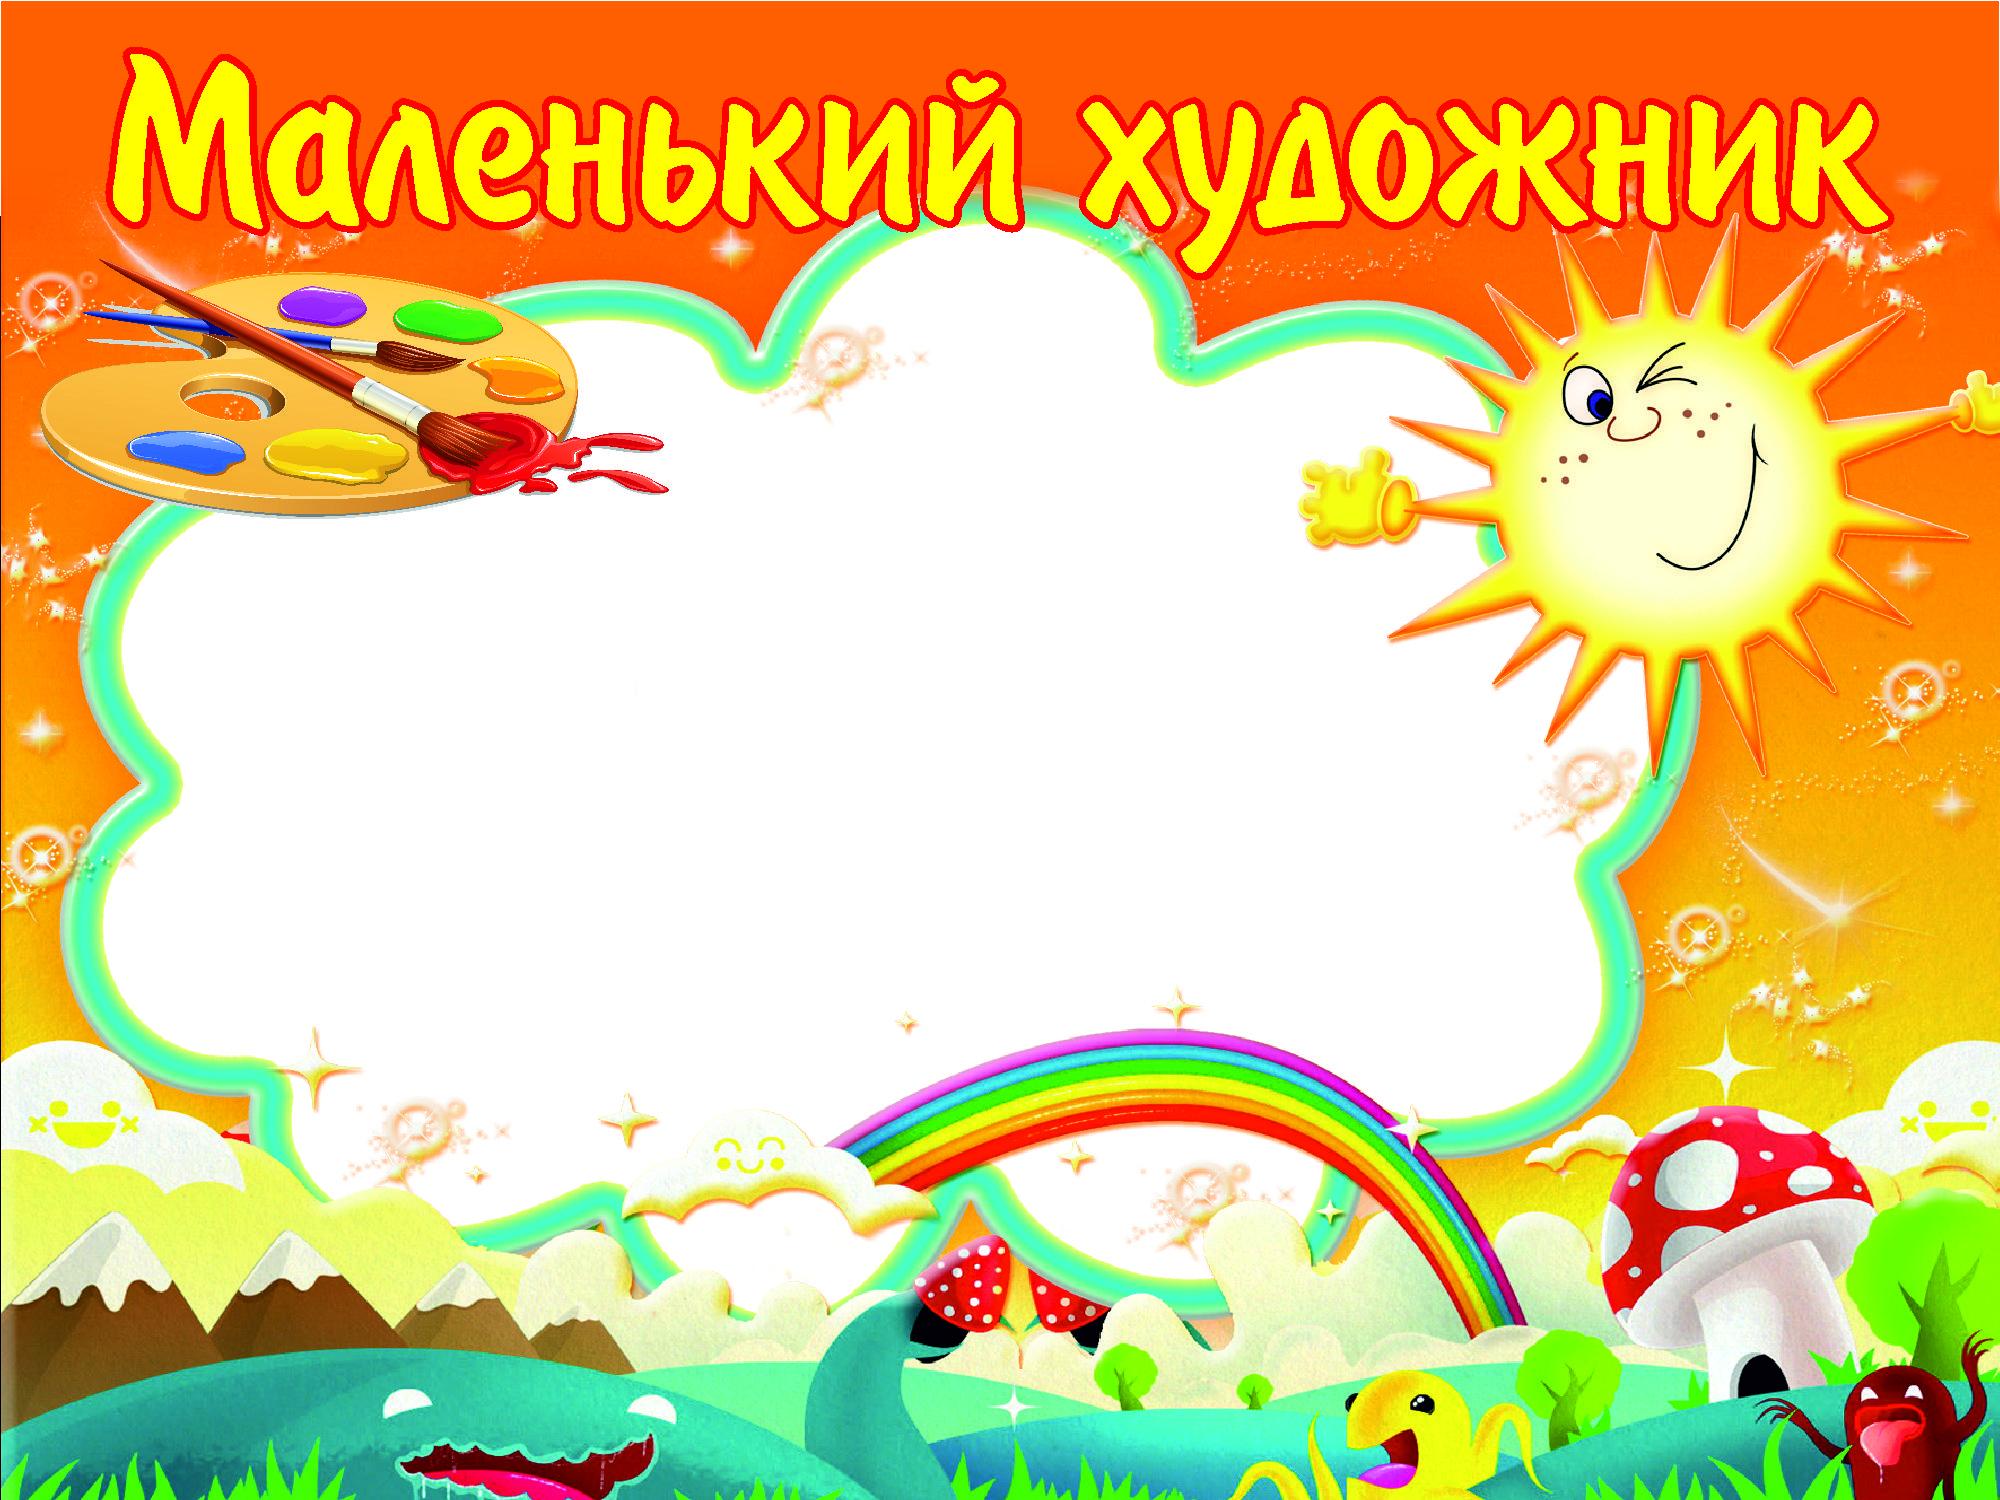 Магнитный стенд информации для детского сада